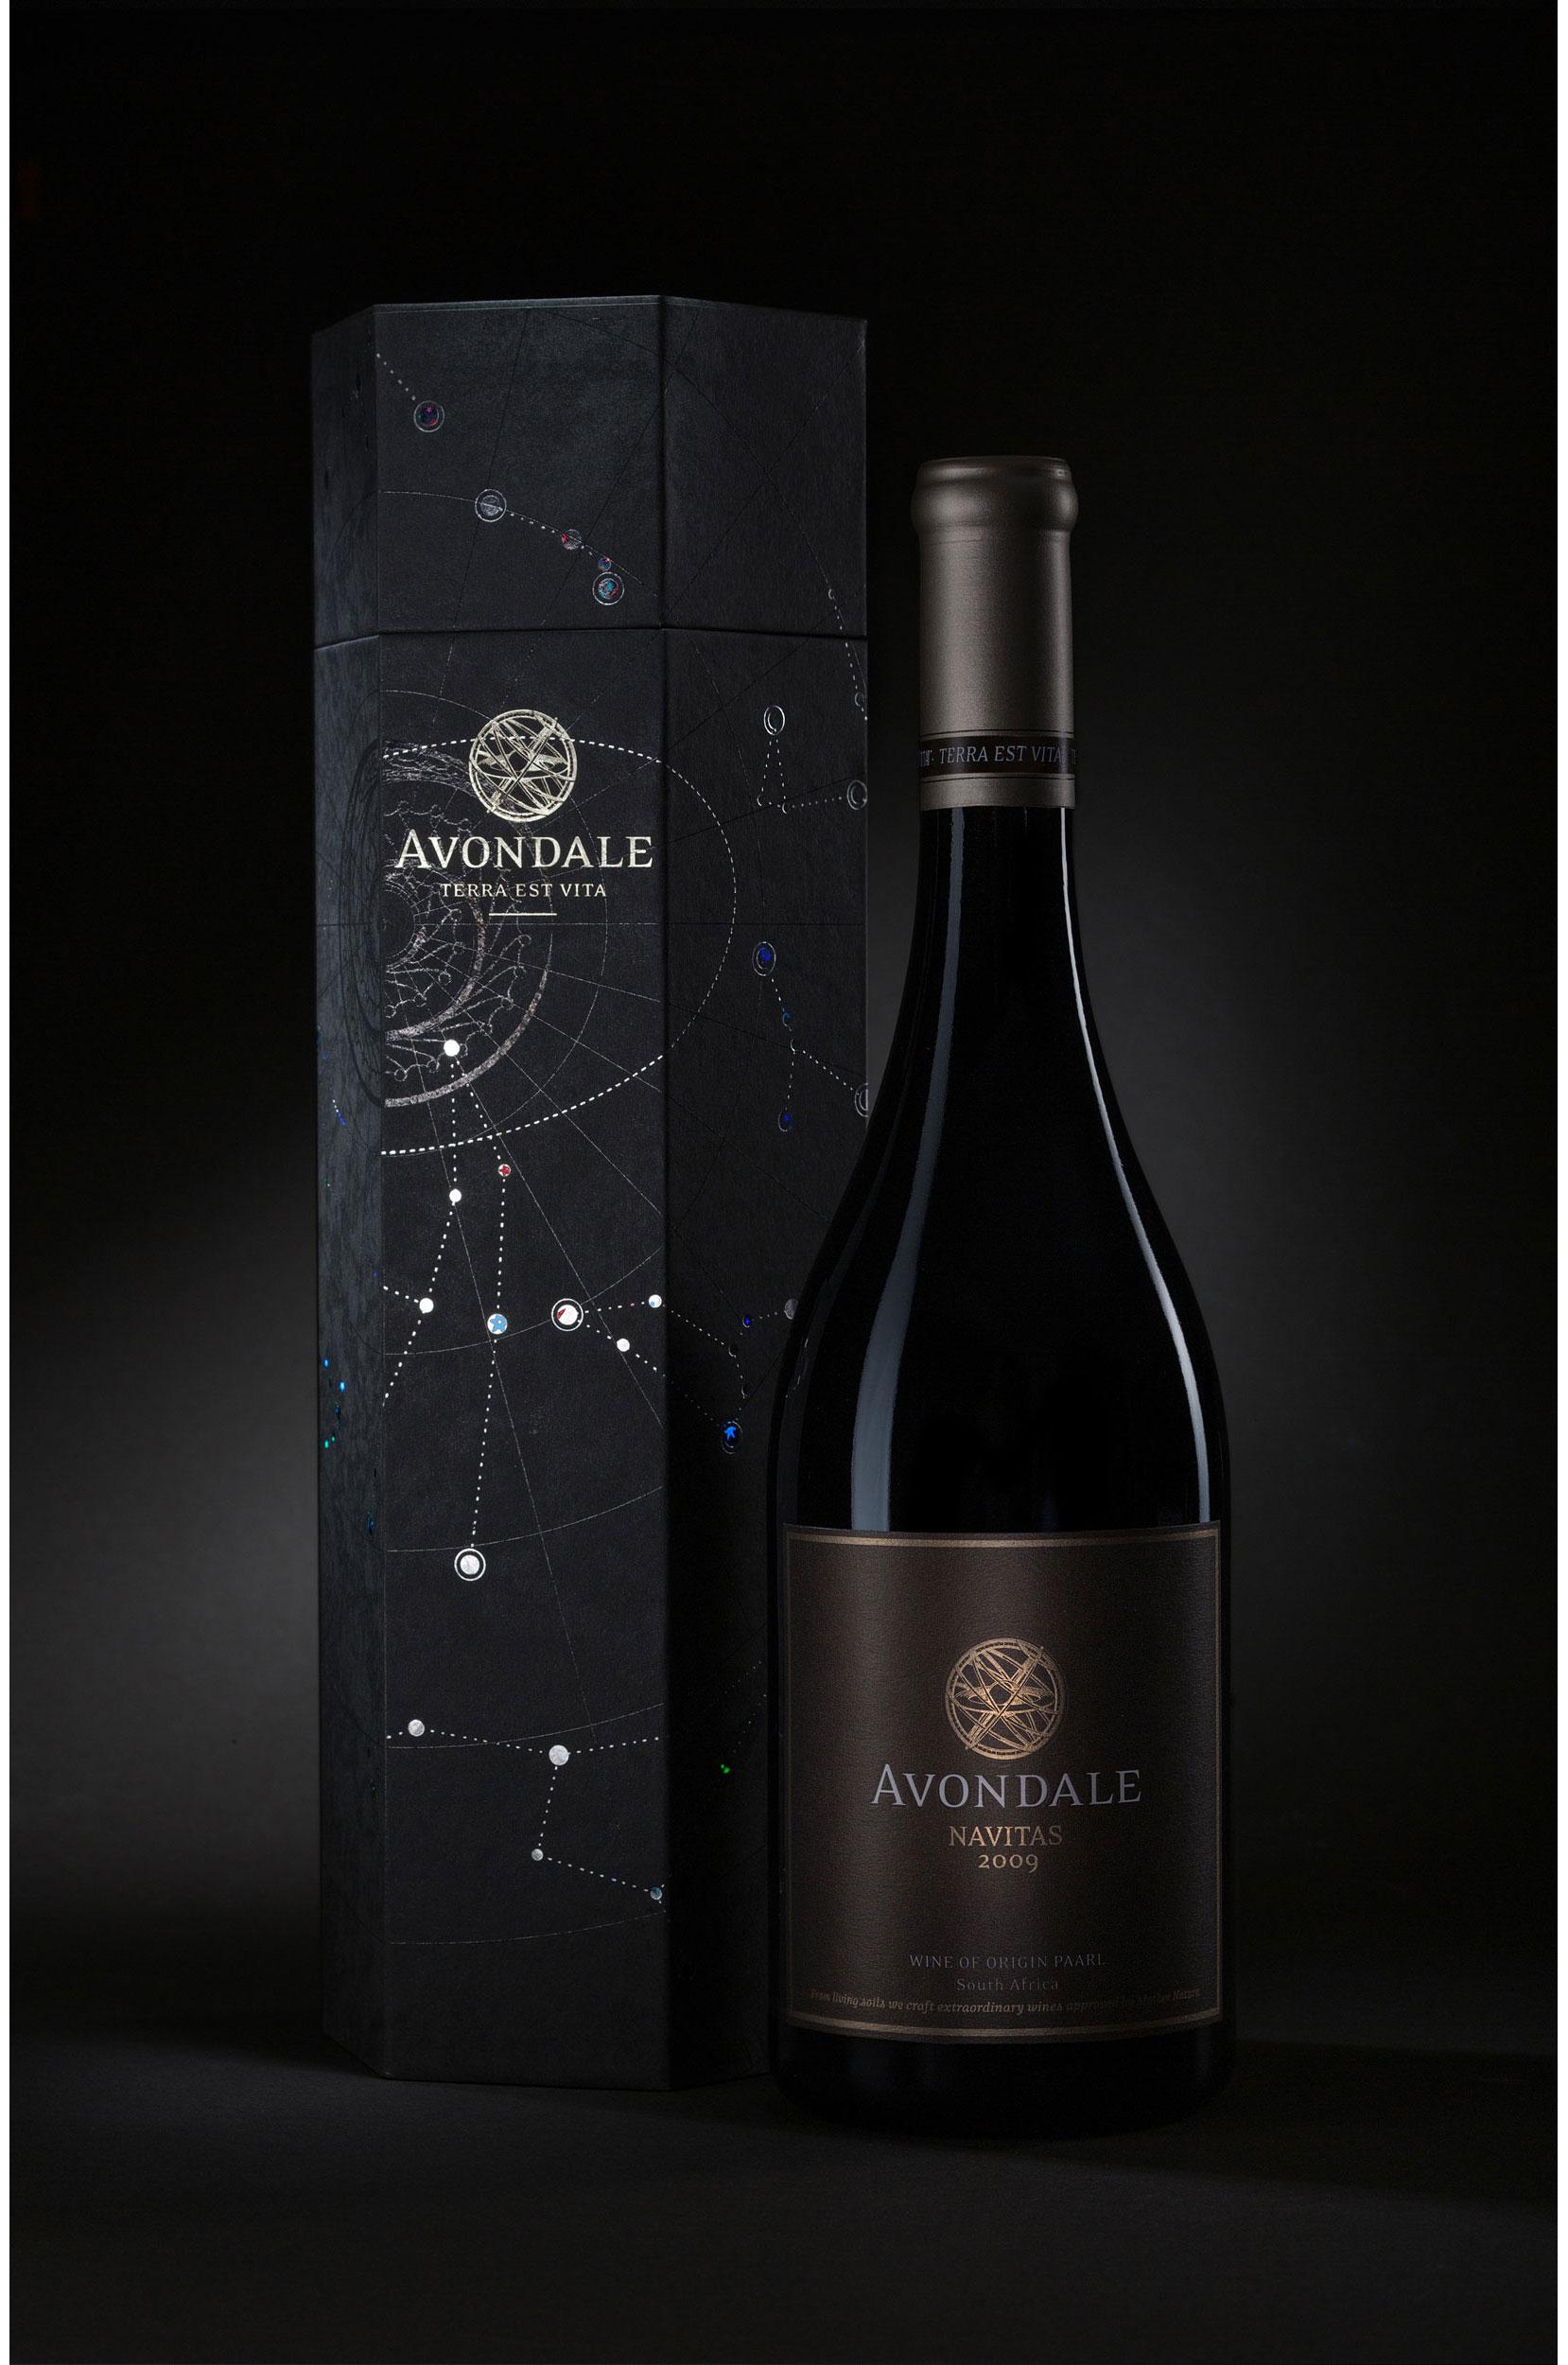 Avondale---Navitas-styled-bottle-and-box-0012.jpg